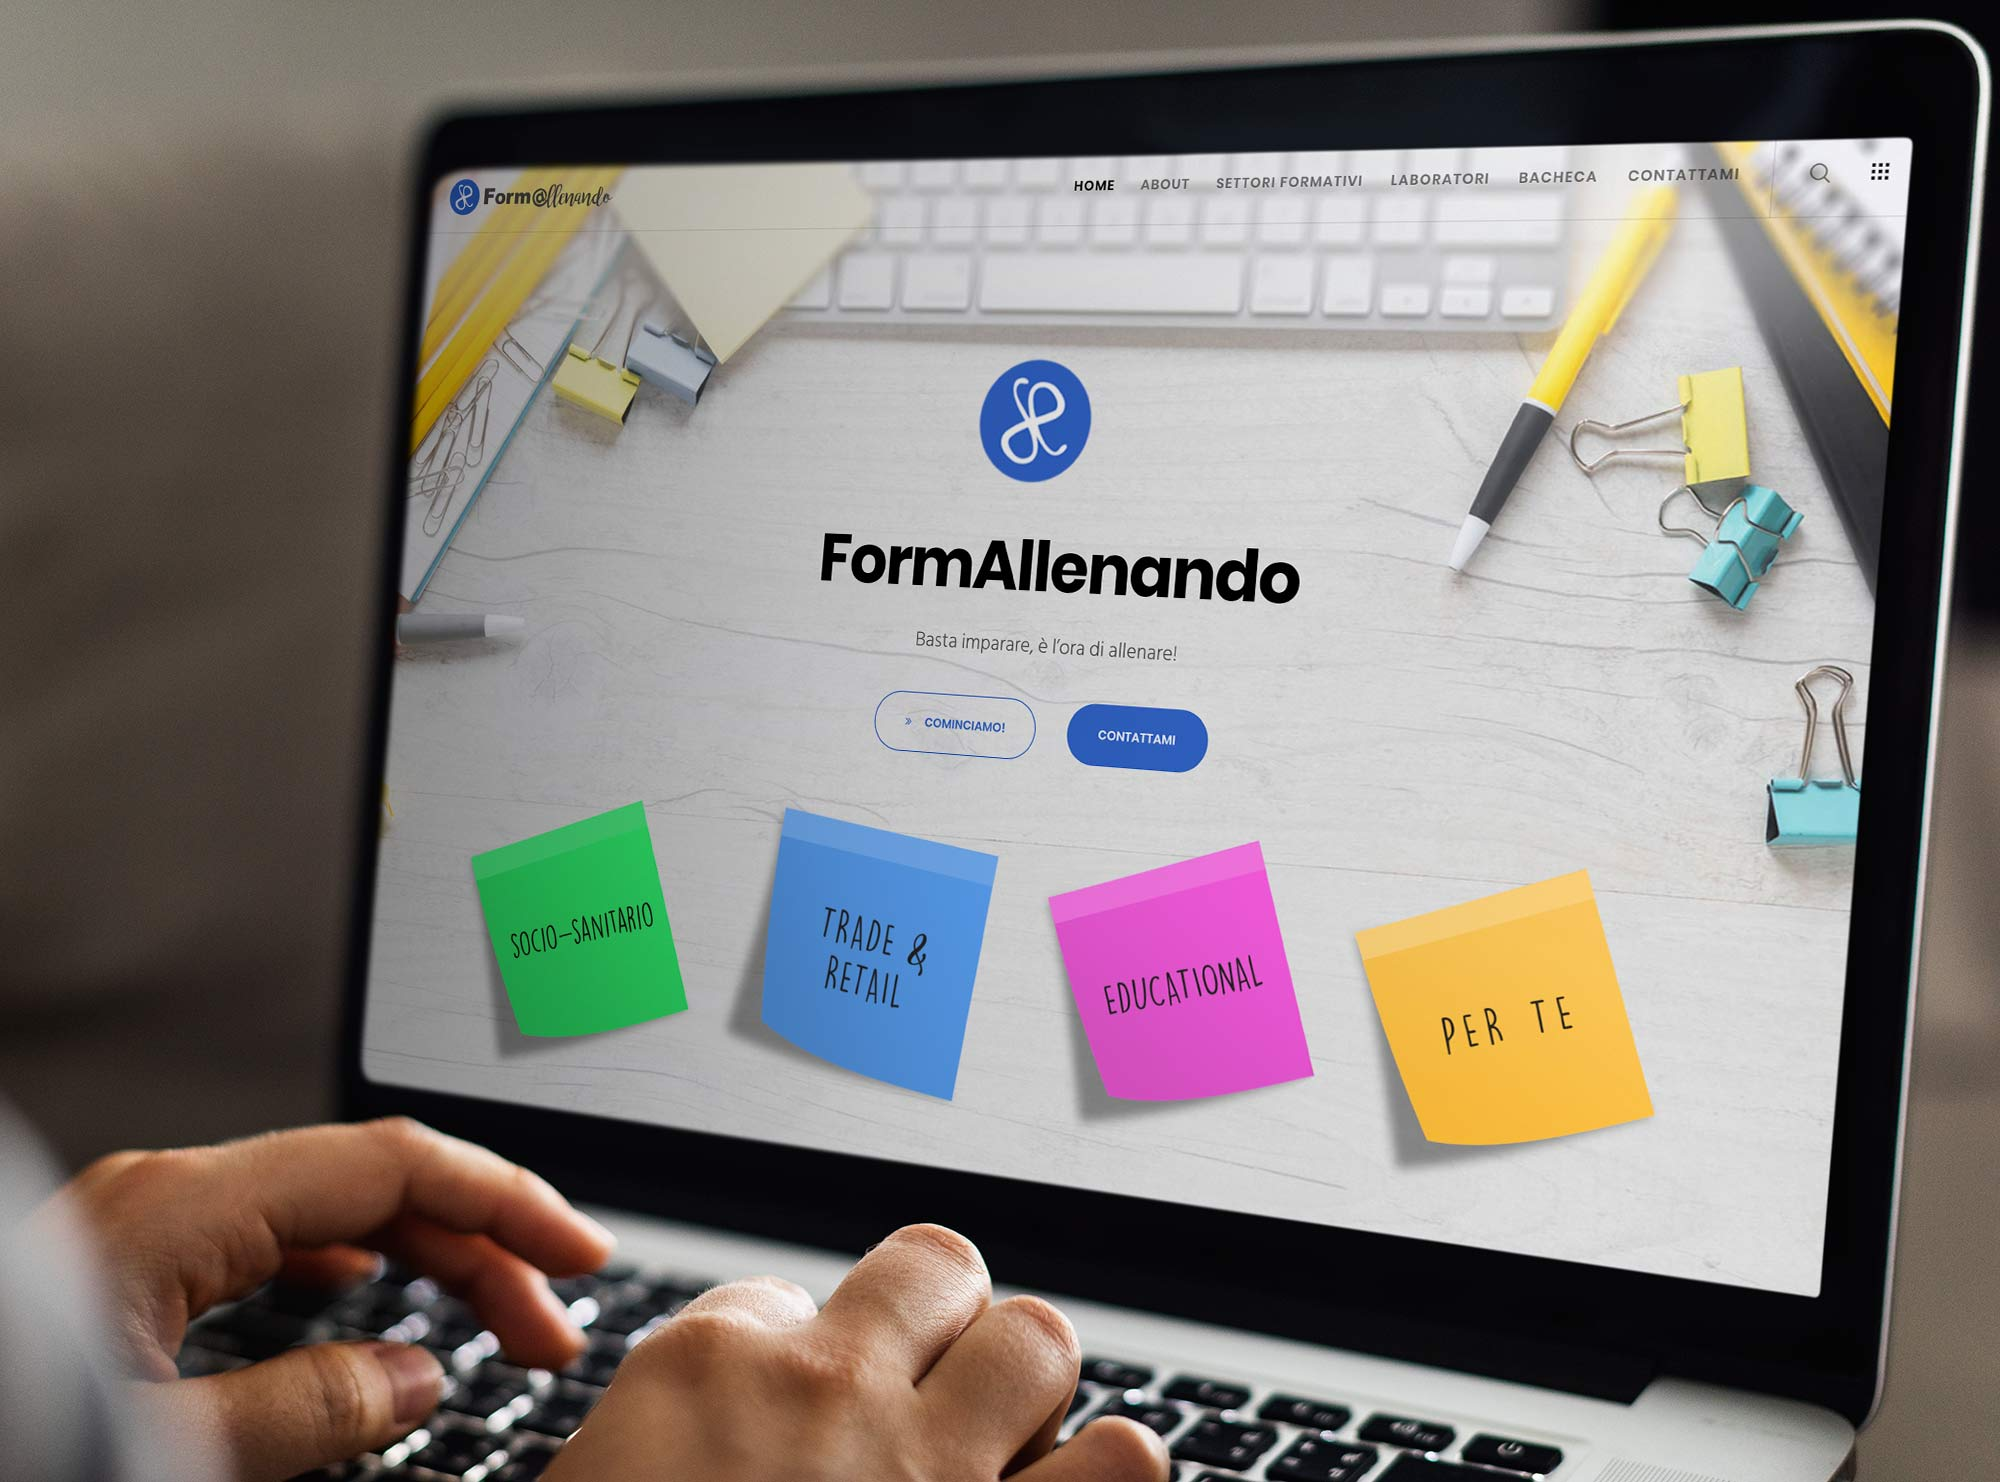 Web design Formallenando